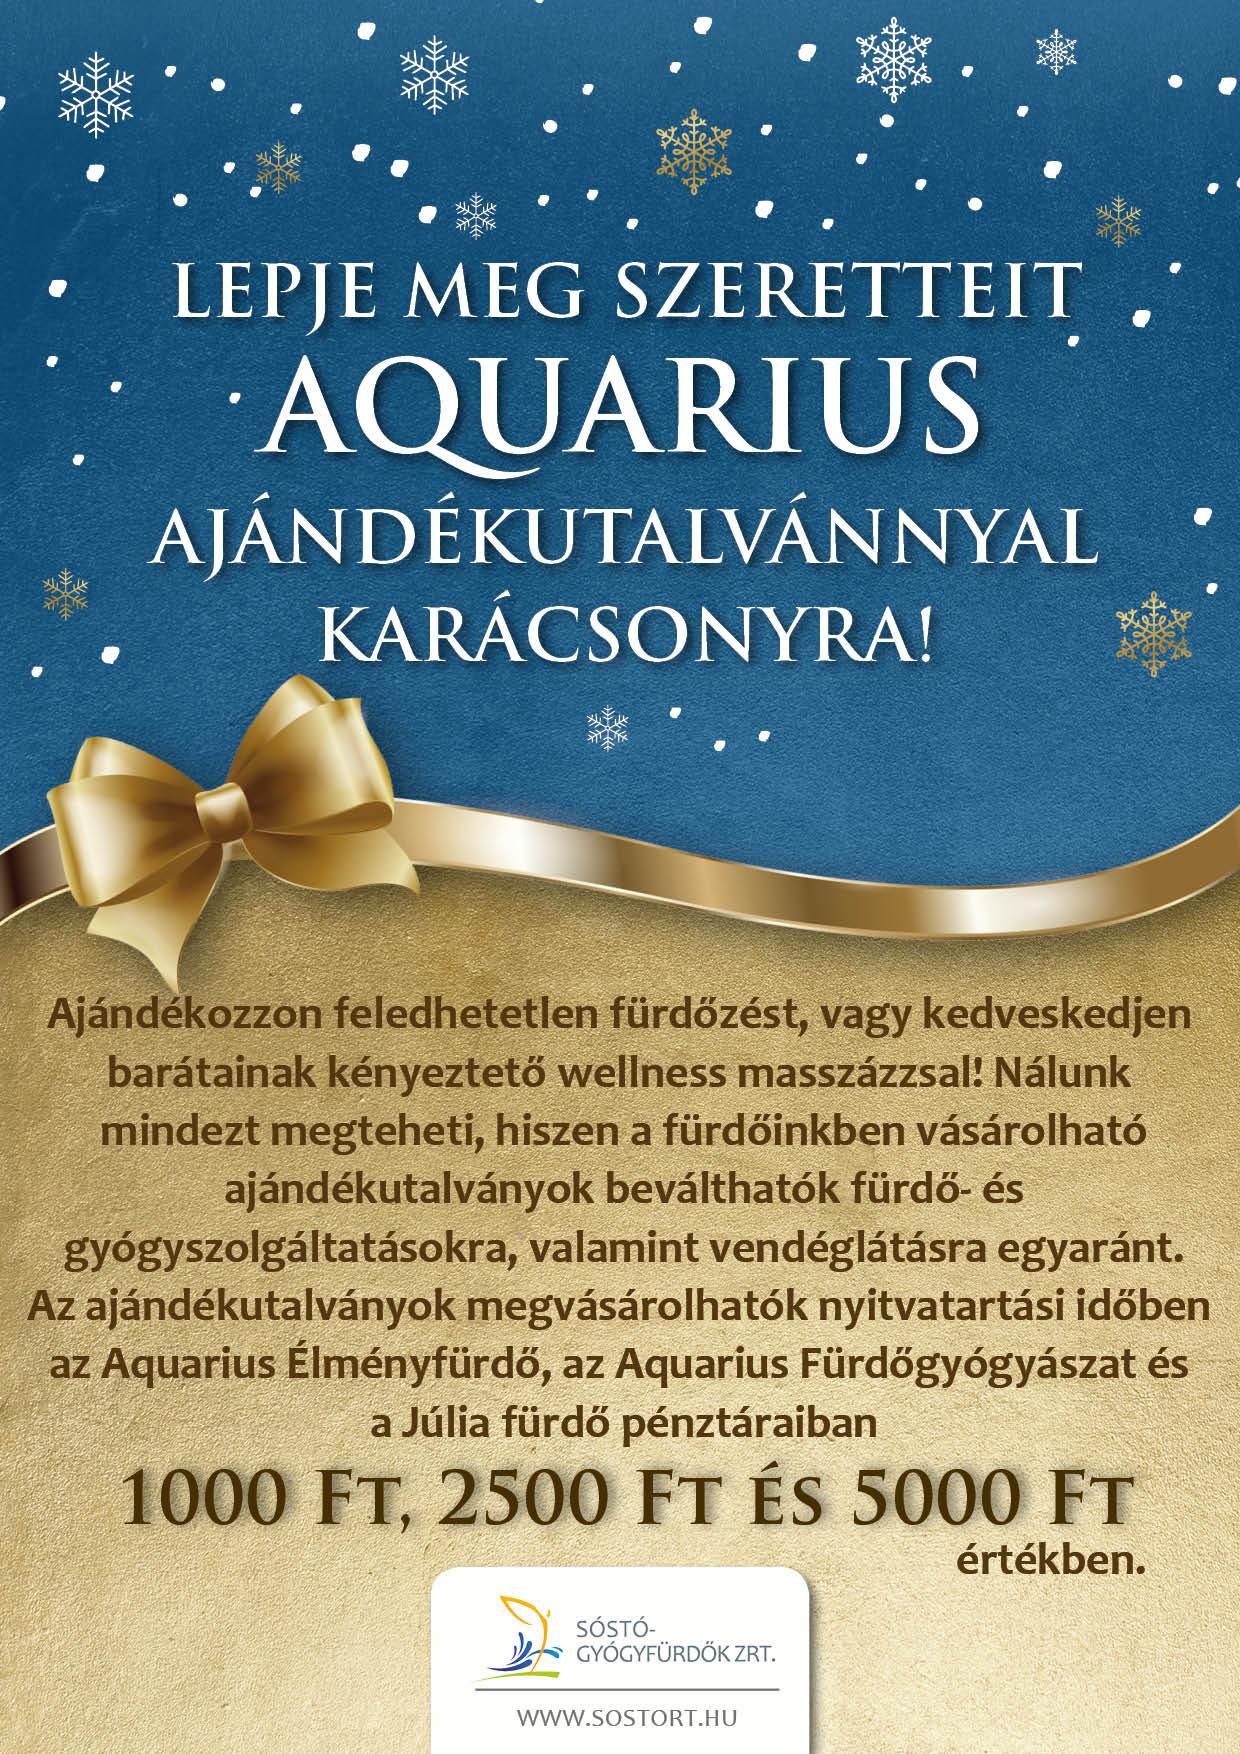 A legnagyobb ajándék Karácsonyra az egészség!